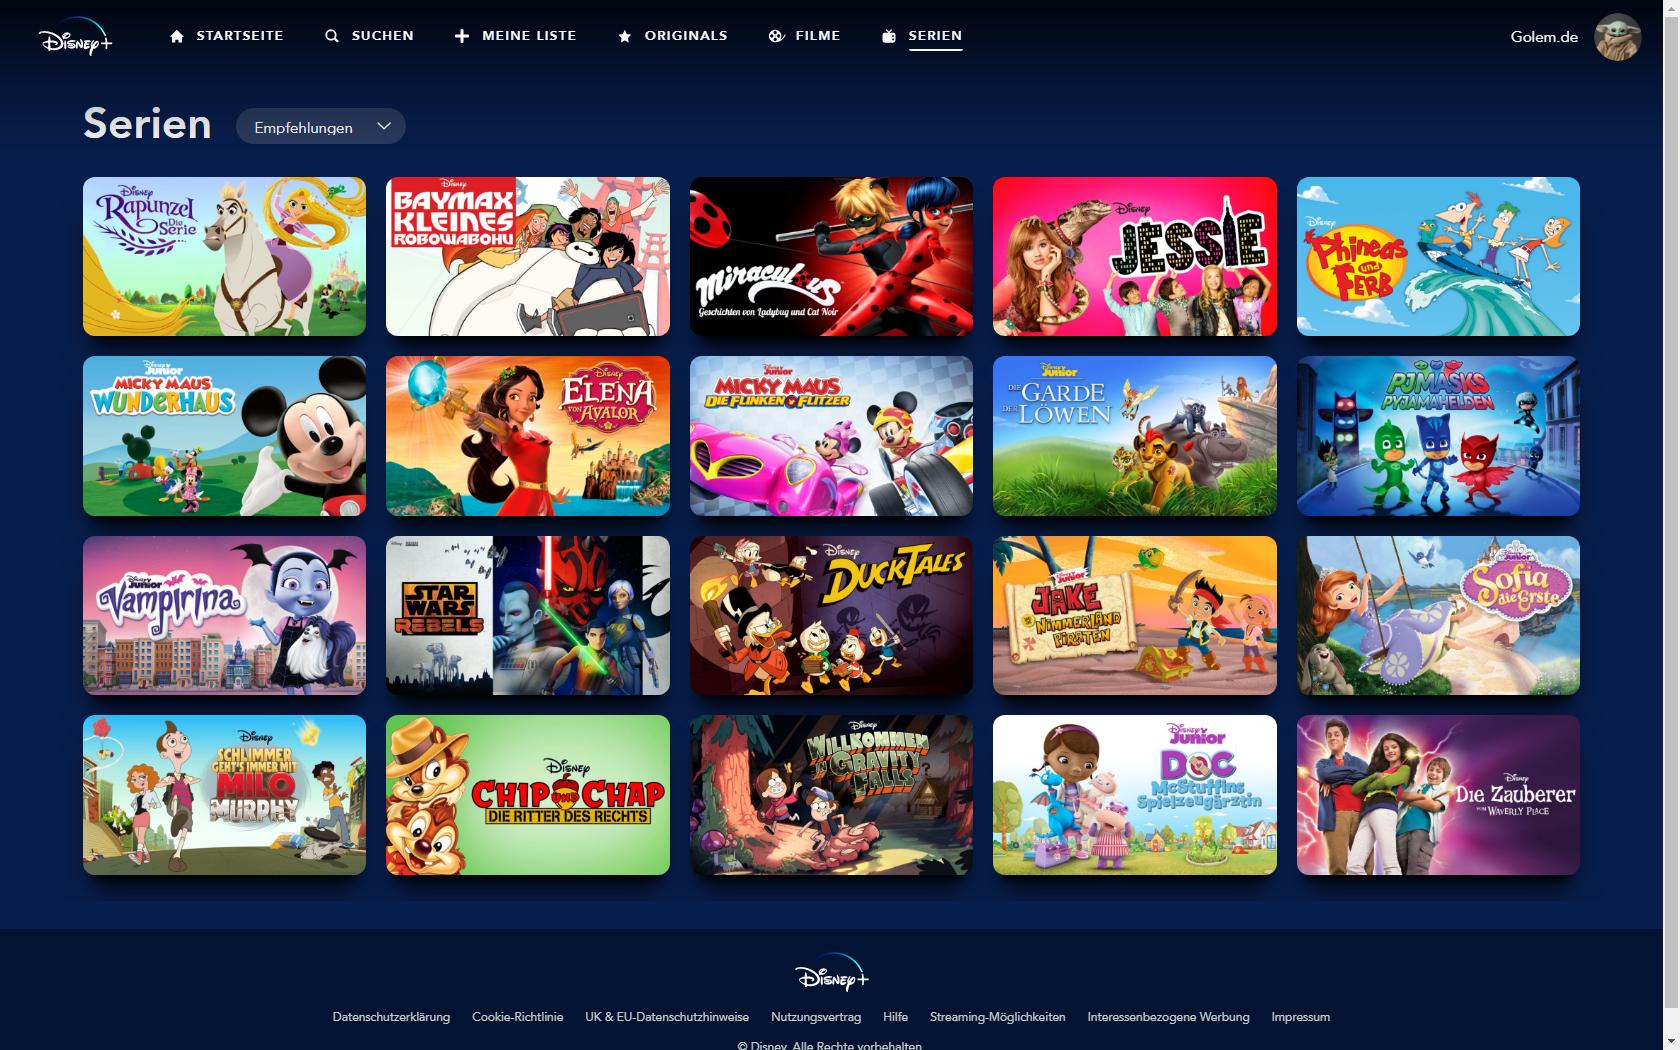 Konkurrenz für Netflix und Prime Video: Disney nennt Filme und Serien für Disney+ in Deutschland - Serien bei Disney+ mit Kinderprofil (Bild: Disney+/Screenshot: Golem.de)